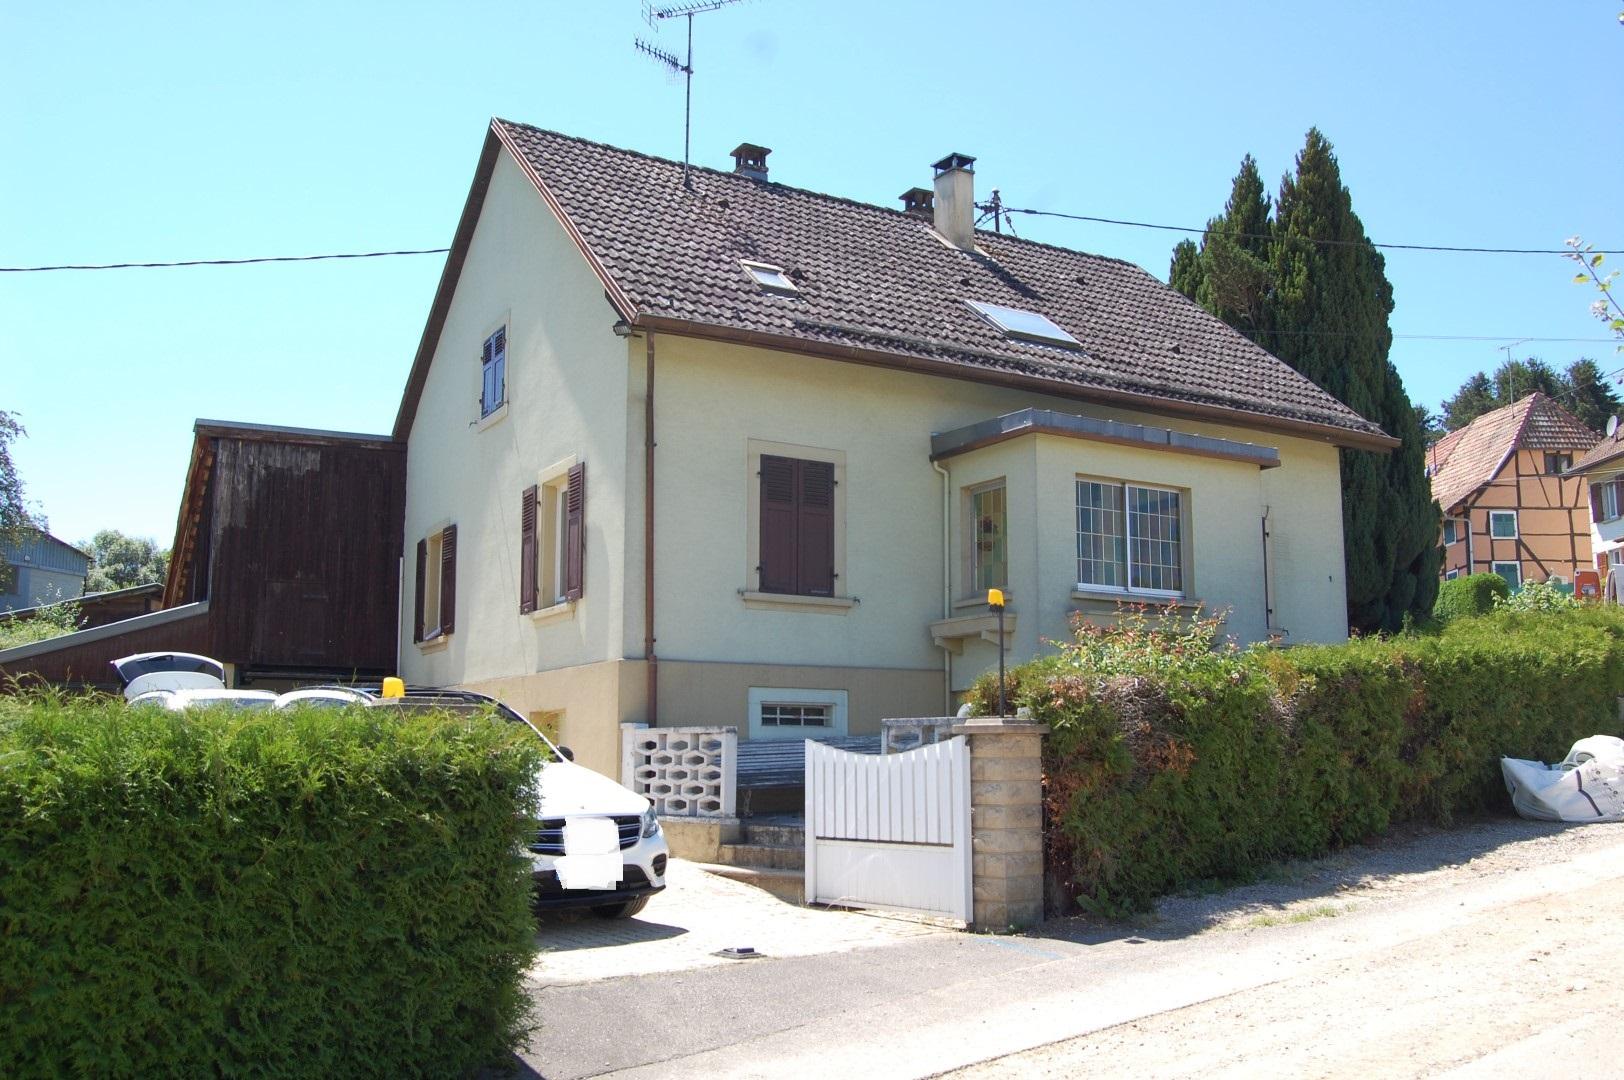 STRUETH Maison individuelle 6P, 142 m² sur 12.21 ares